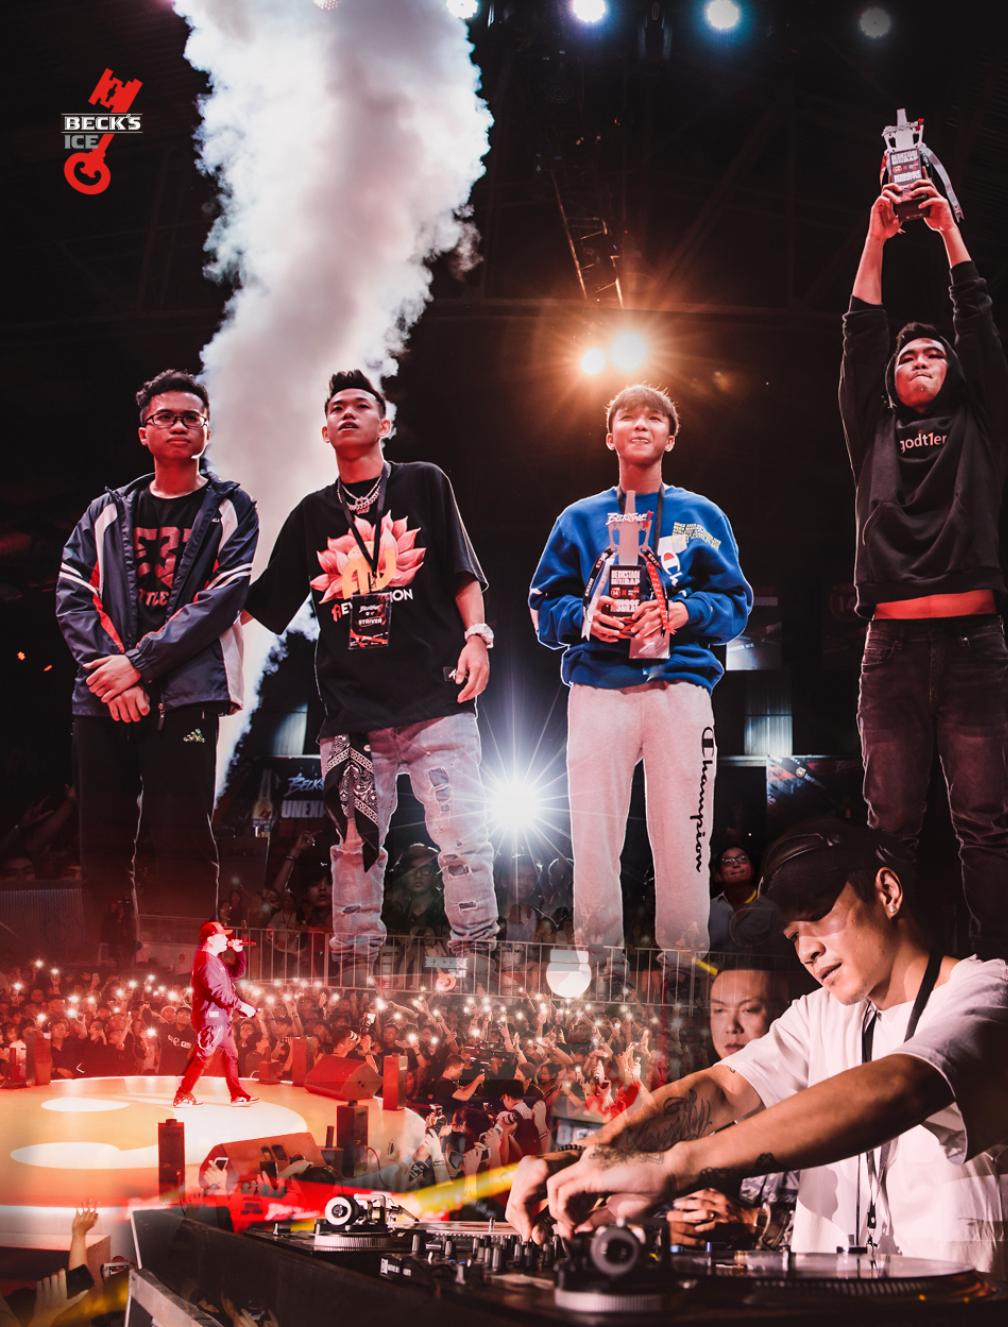 Ngôi vô địch Beck'Stage Battle Rap đã có chủ: Sóc Nâu và Phúc Du giành lấy ngôi vương đầy thuyết phục, một tương lai đầy hy vọng của rap Việt!